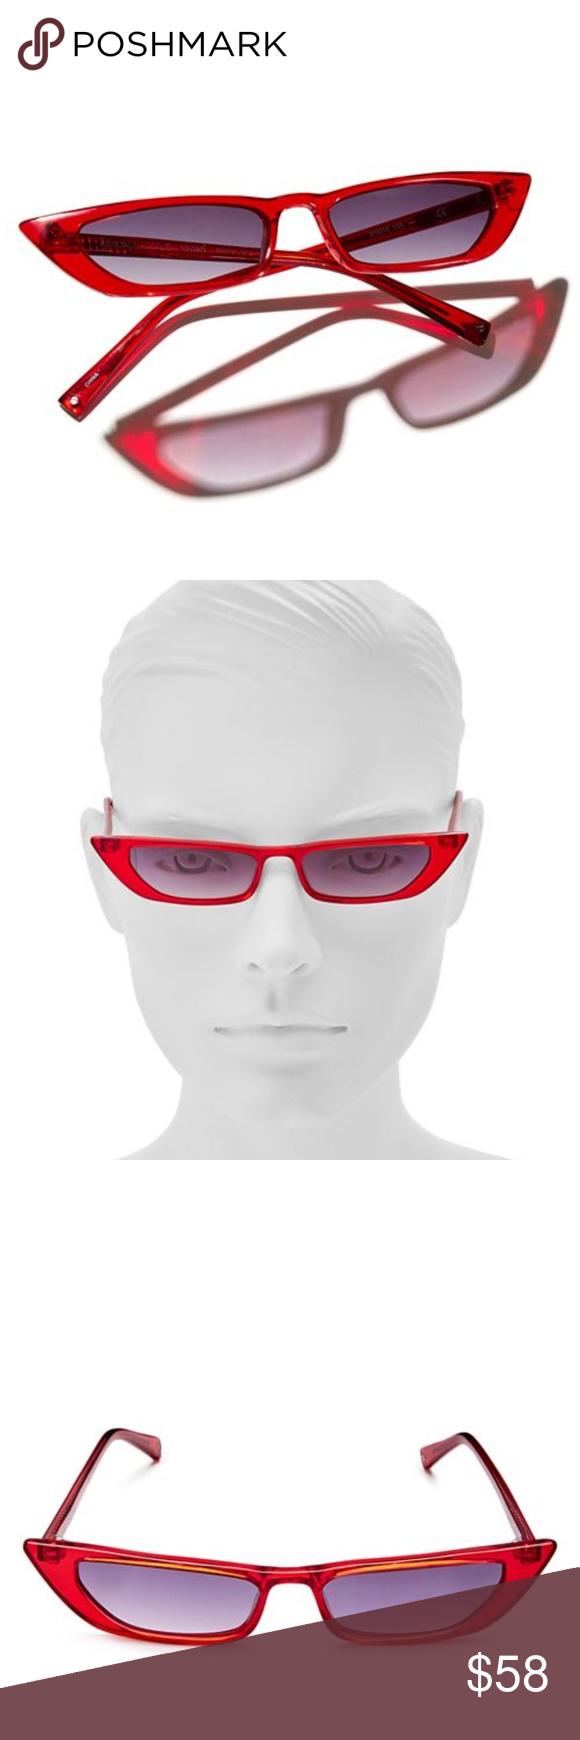 b5924d7423c Women s Vivian Extreme Cat Eye Sunglasses! amazing Kendall + Kylie Women s  Vivian Extreme